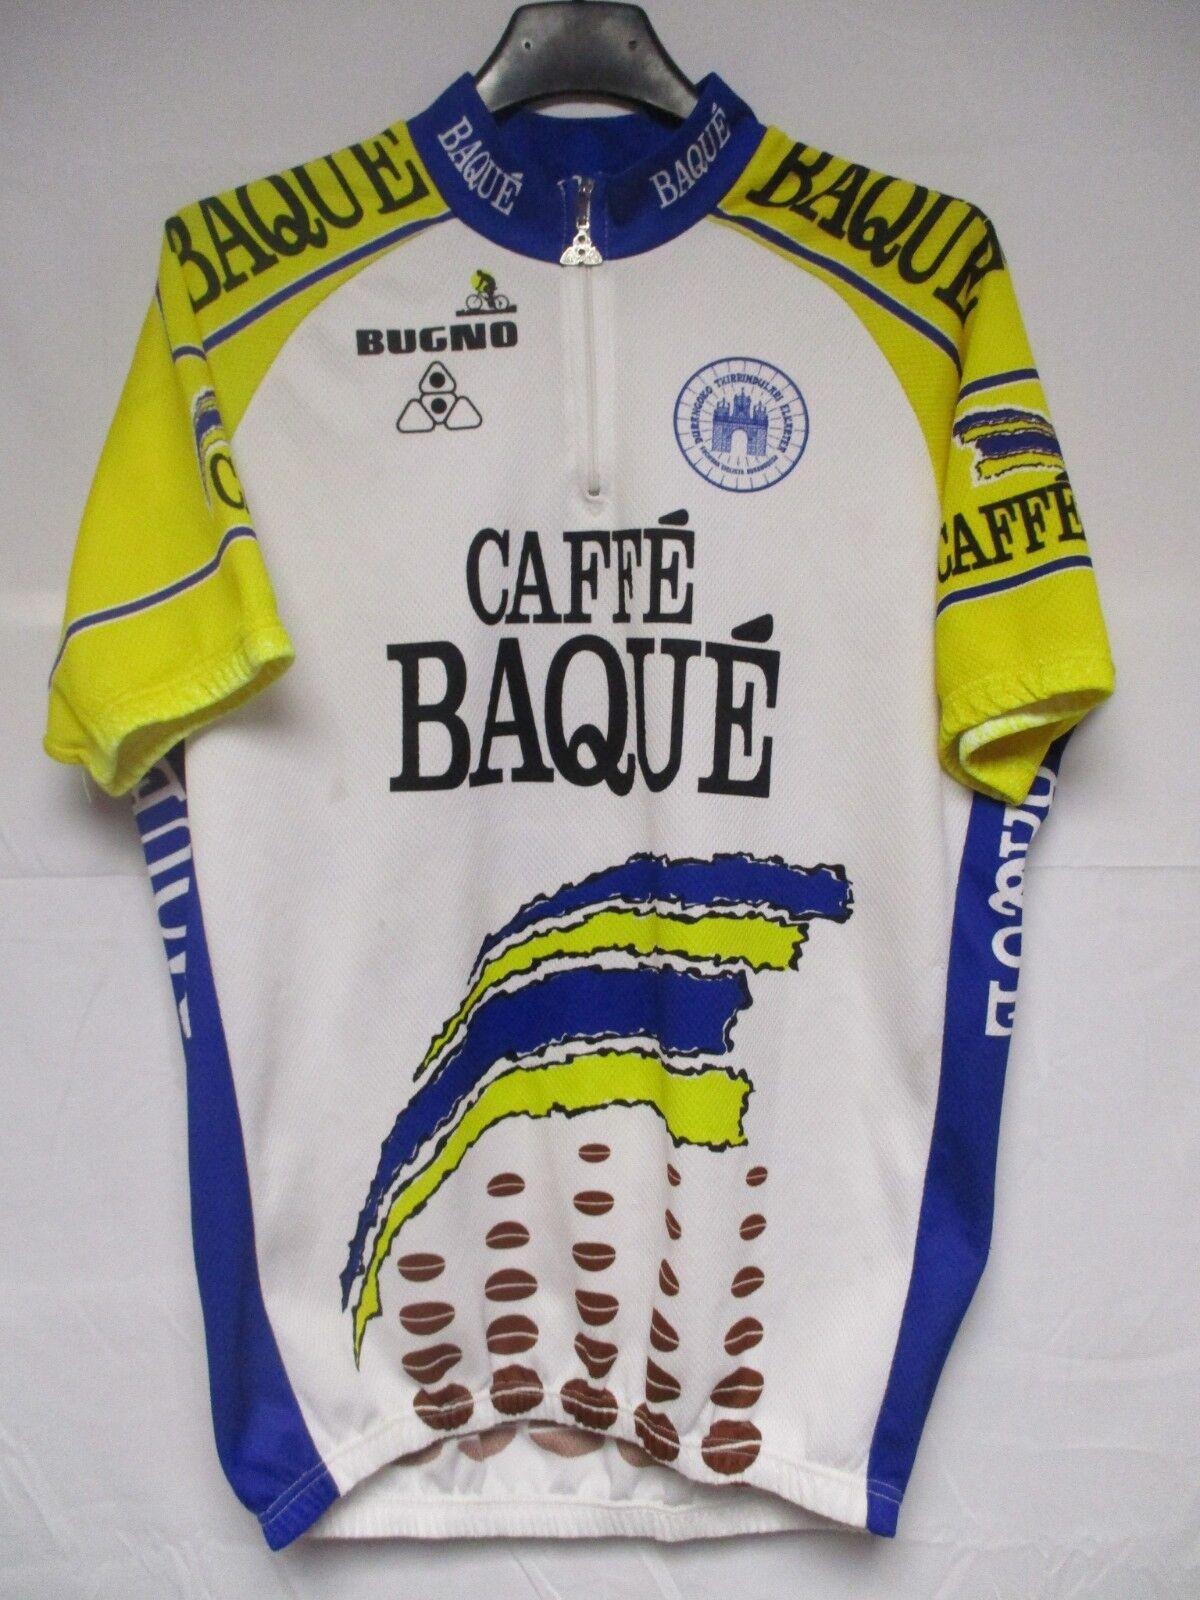 Maillot cycliste Caffé Baqué Bugno shirt camiseta DURANGUESA Pays Basque 8 XXL